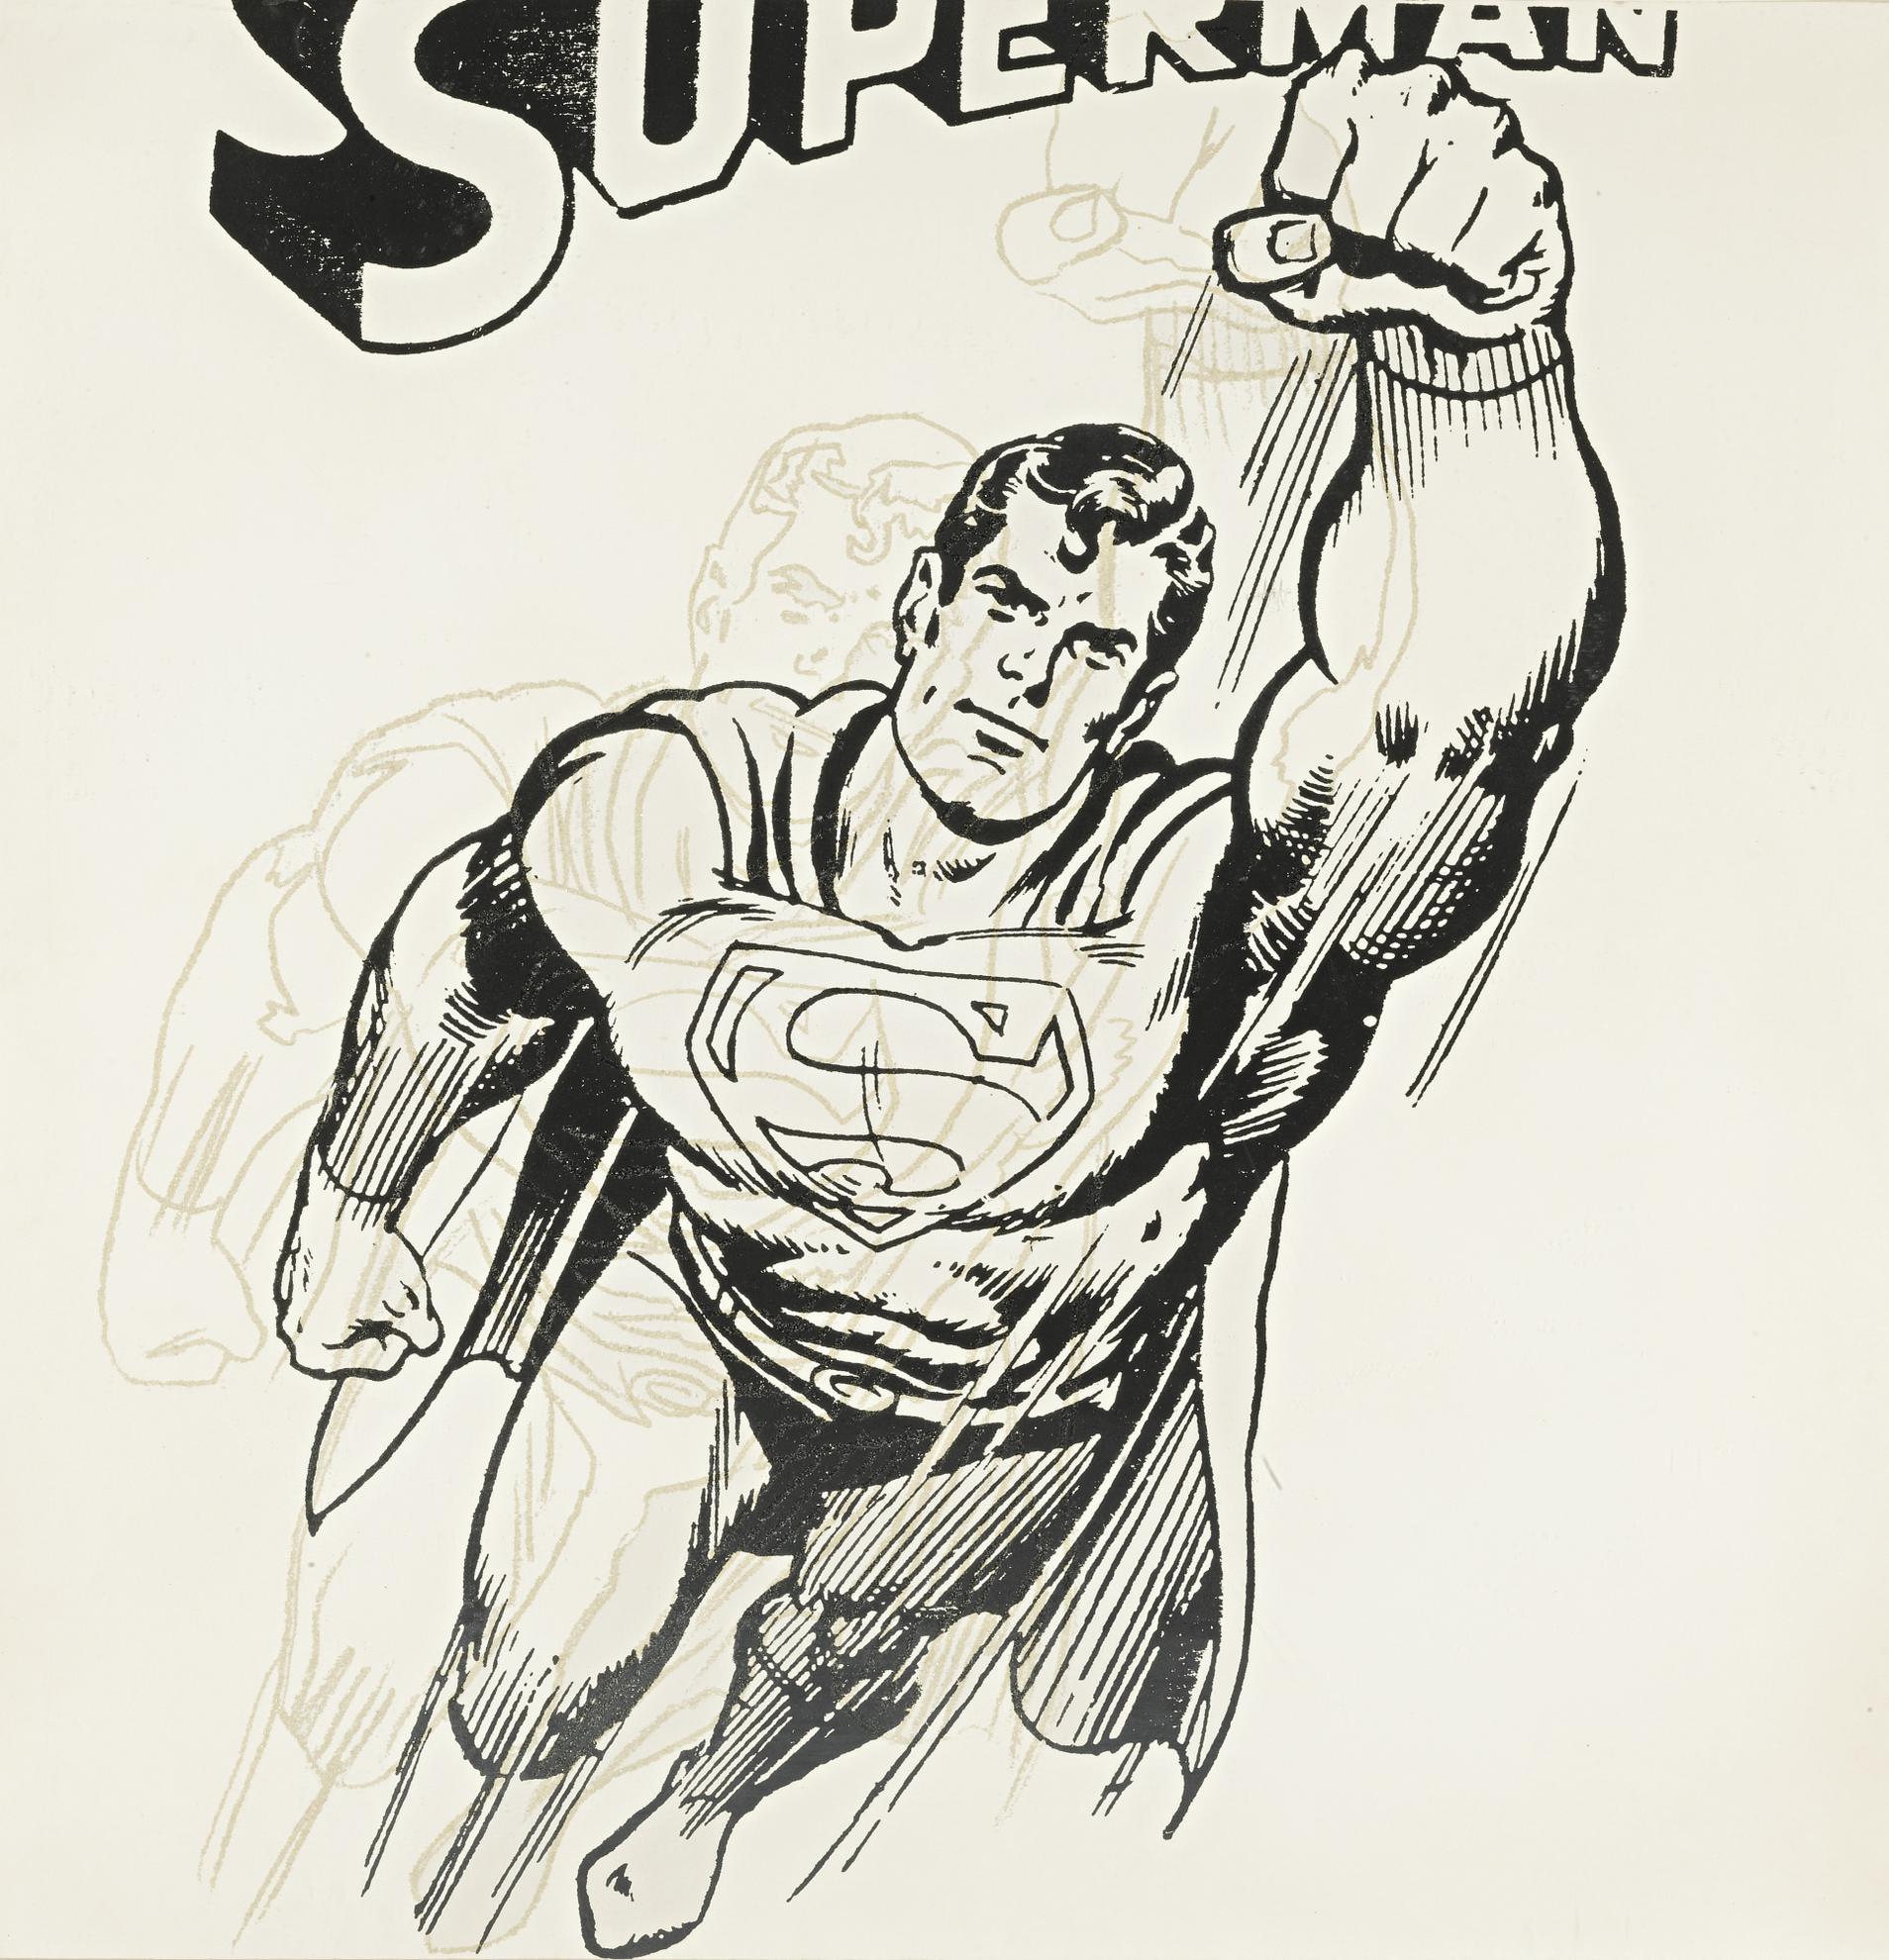 Andy Warhol-Superman (F. & S. IIb.260)-1981